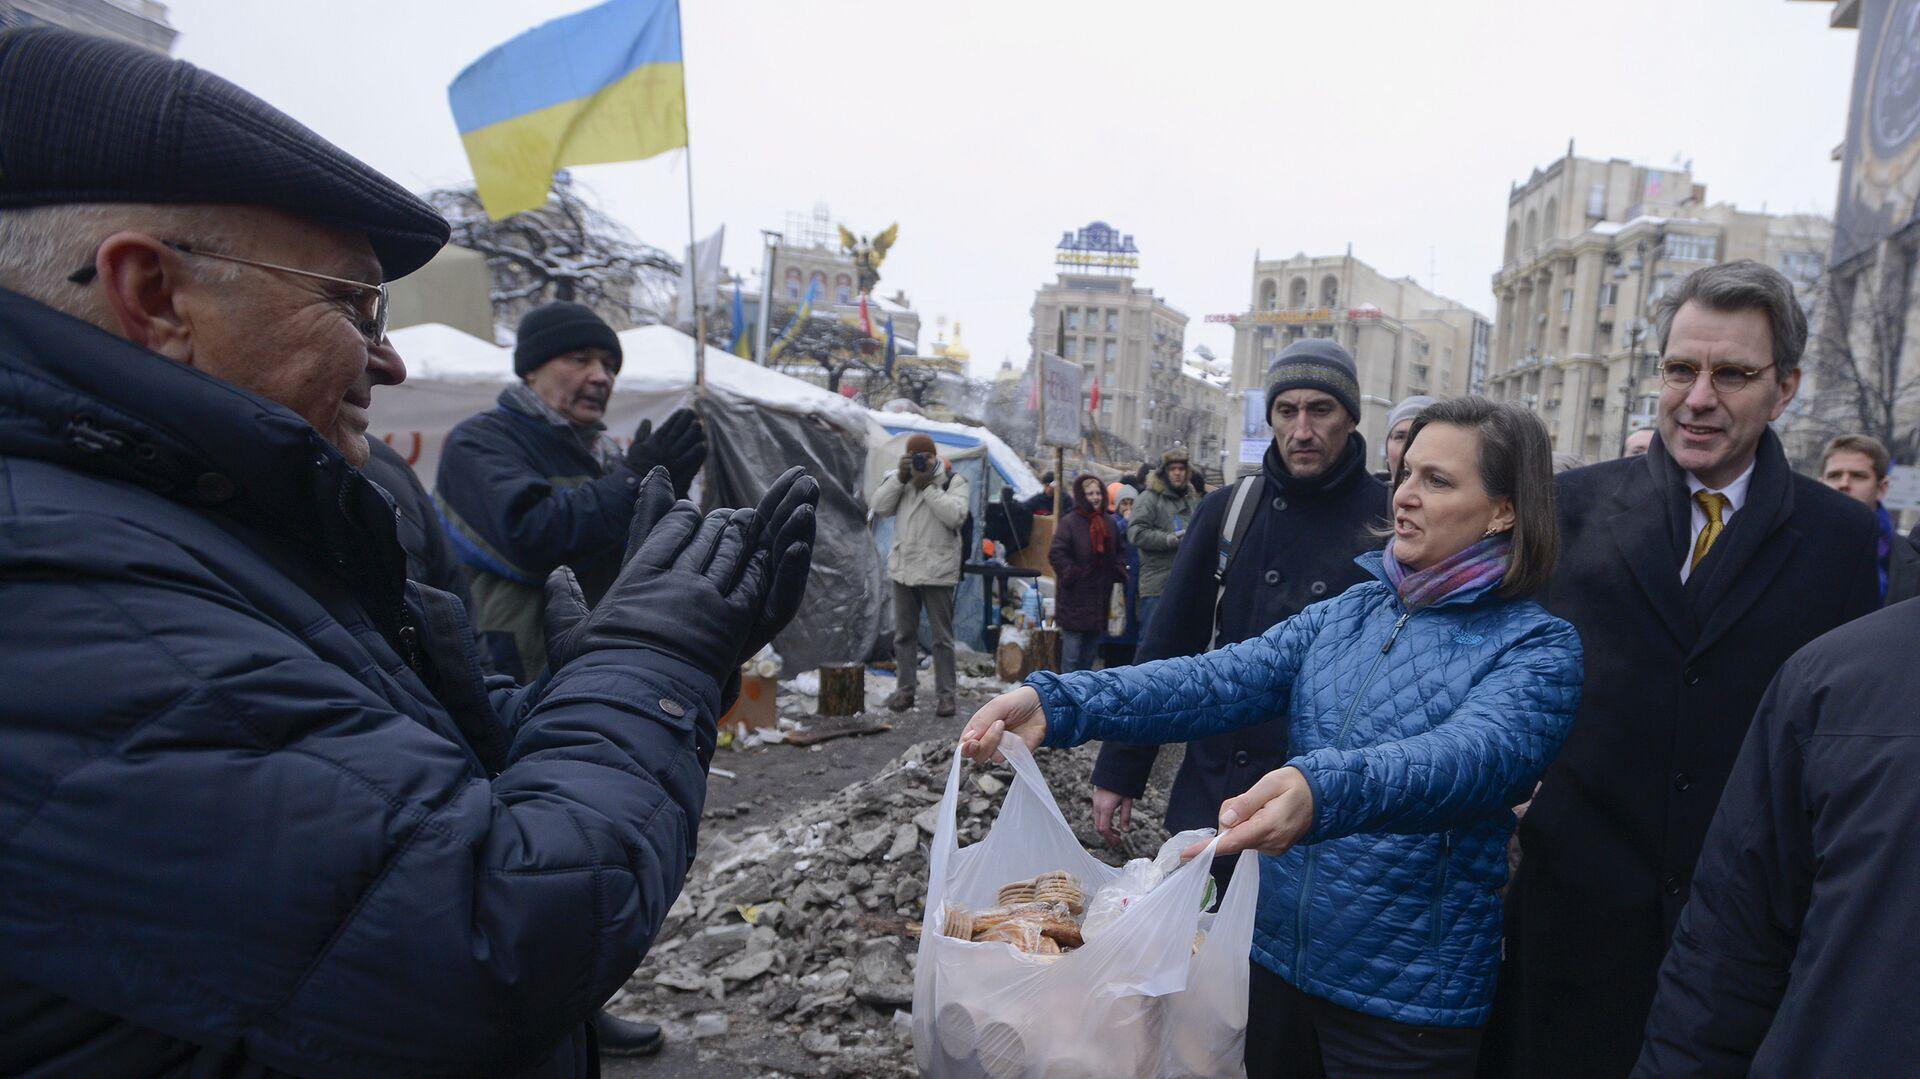 Заместитель госсекретаря США Виктория Нуланд и посол США в Украине Джеффри Пайетта на площади Независимости в Киеве. 11 декабря 2013 - РИА Новости, 1920, 05.05.2021